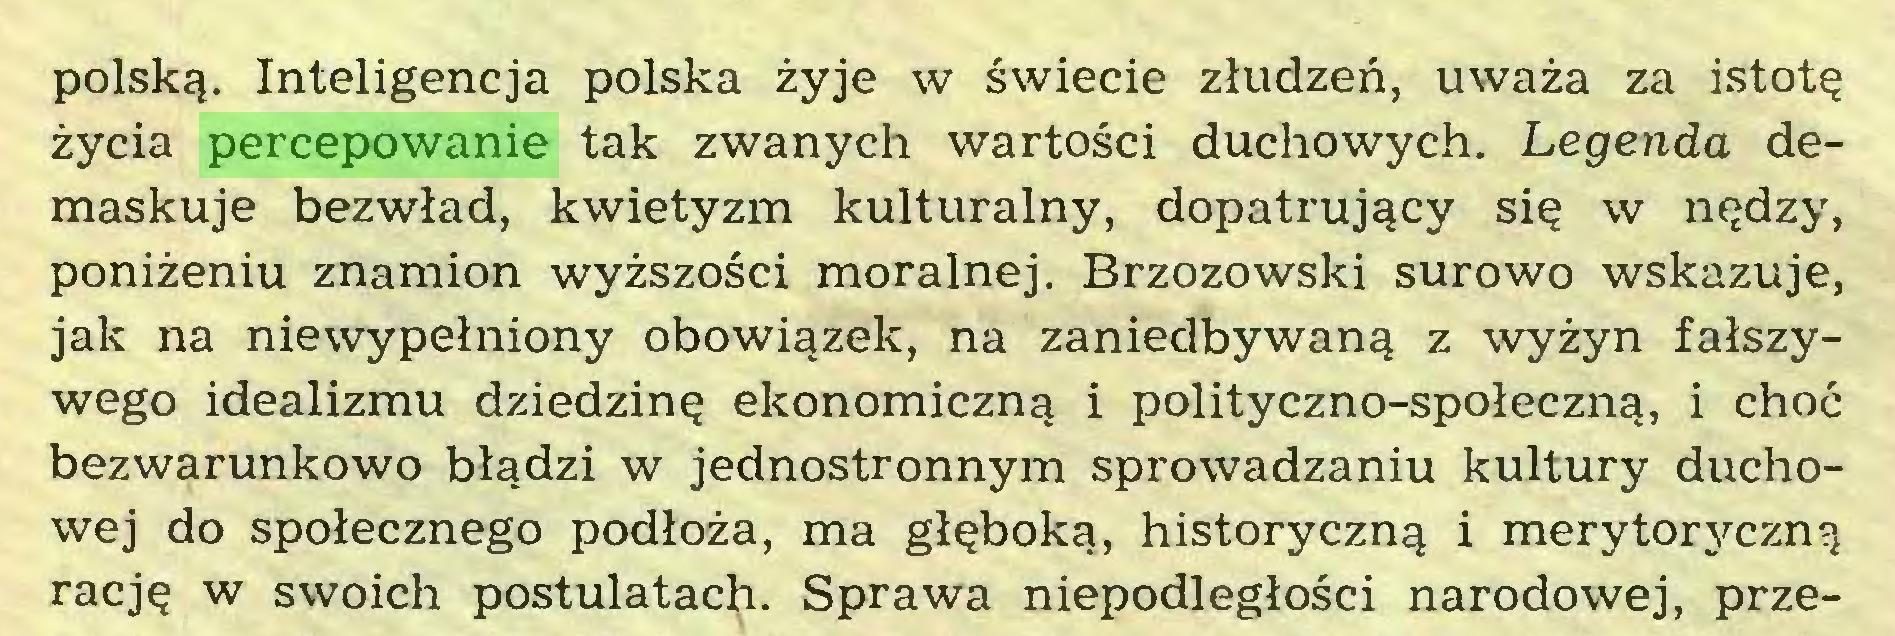 (...) polską. Inteligencja polska żyje w świecie złudzeń, uważa za istotę życia percepowanie tak zwanych wartości duchowych. Legenda demaskuje bezwład, kwietyzm kulturalny, dopatrujący się w nędzy, poniżeniu znamion wyższości moralnej. Brzozowski surowo wskazuje, jak na niewypełniony obowiązek, na zaniedbywaną z wyżyn fałszywego idealizmu dziedzinę ekonomiczną i polityczno-społeczną, i choć bezwarunkowo błądzi w jednostronnym sprowadzaniu kultury duchowej do społecznego podłoża, ma głęboką, historyczną i merytoryczną rację w swoich postulatach. Sprawa niepodległości narodowej, prze...